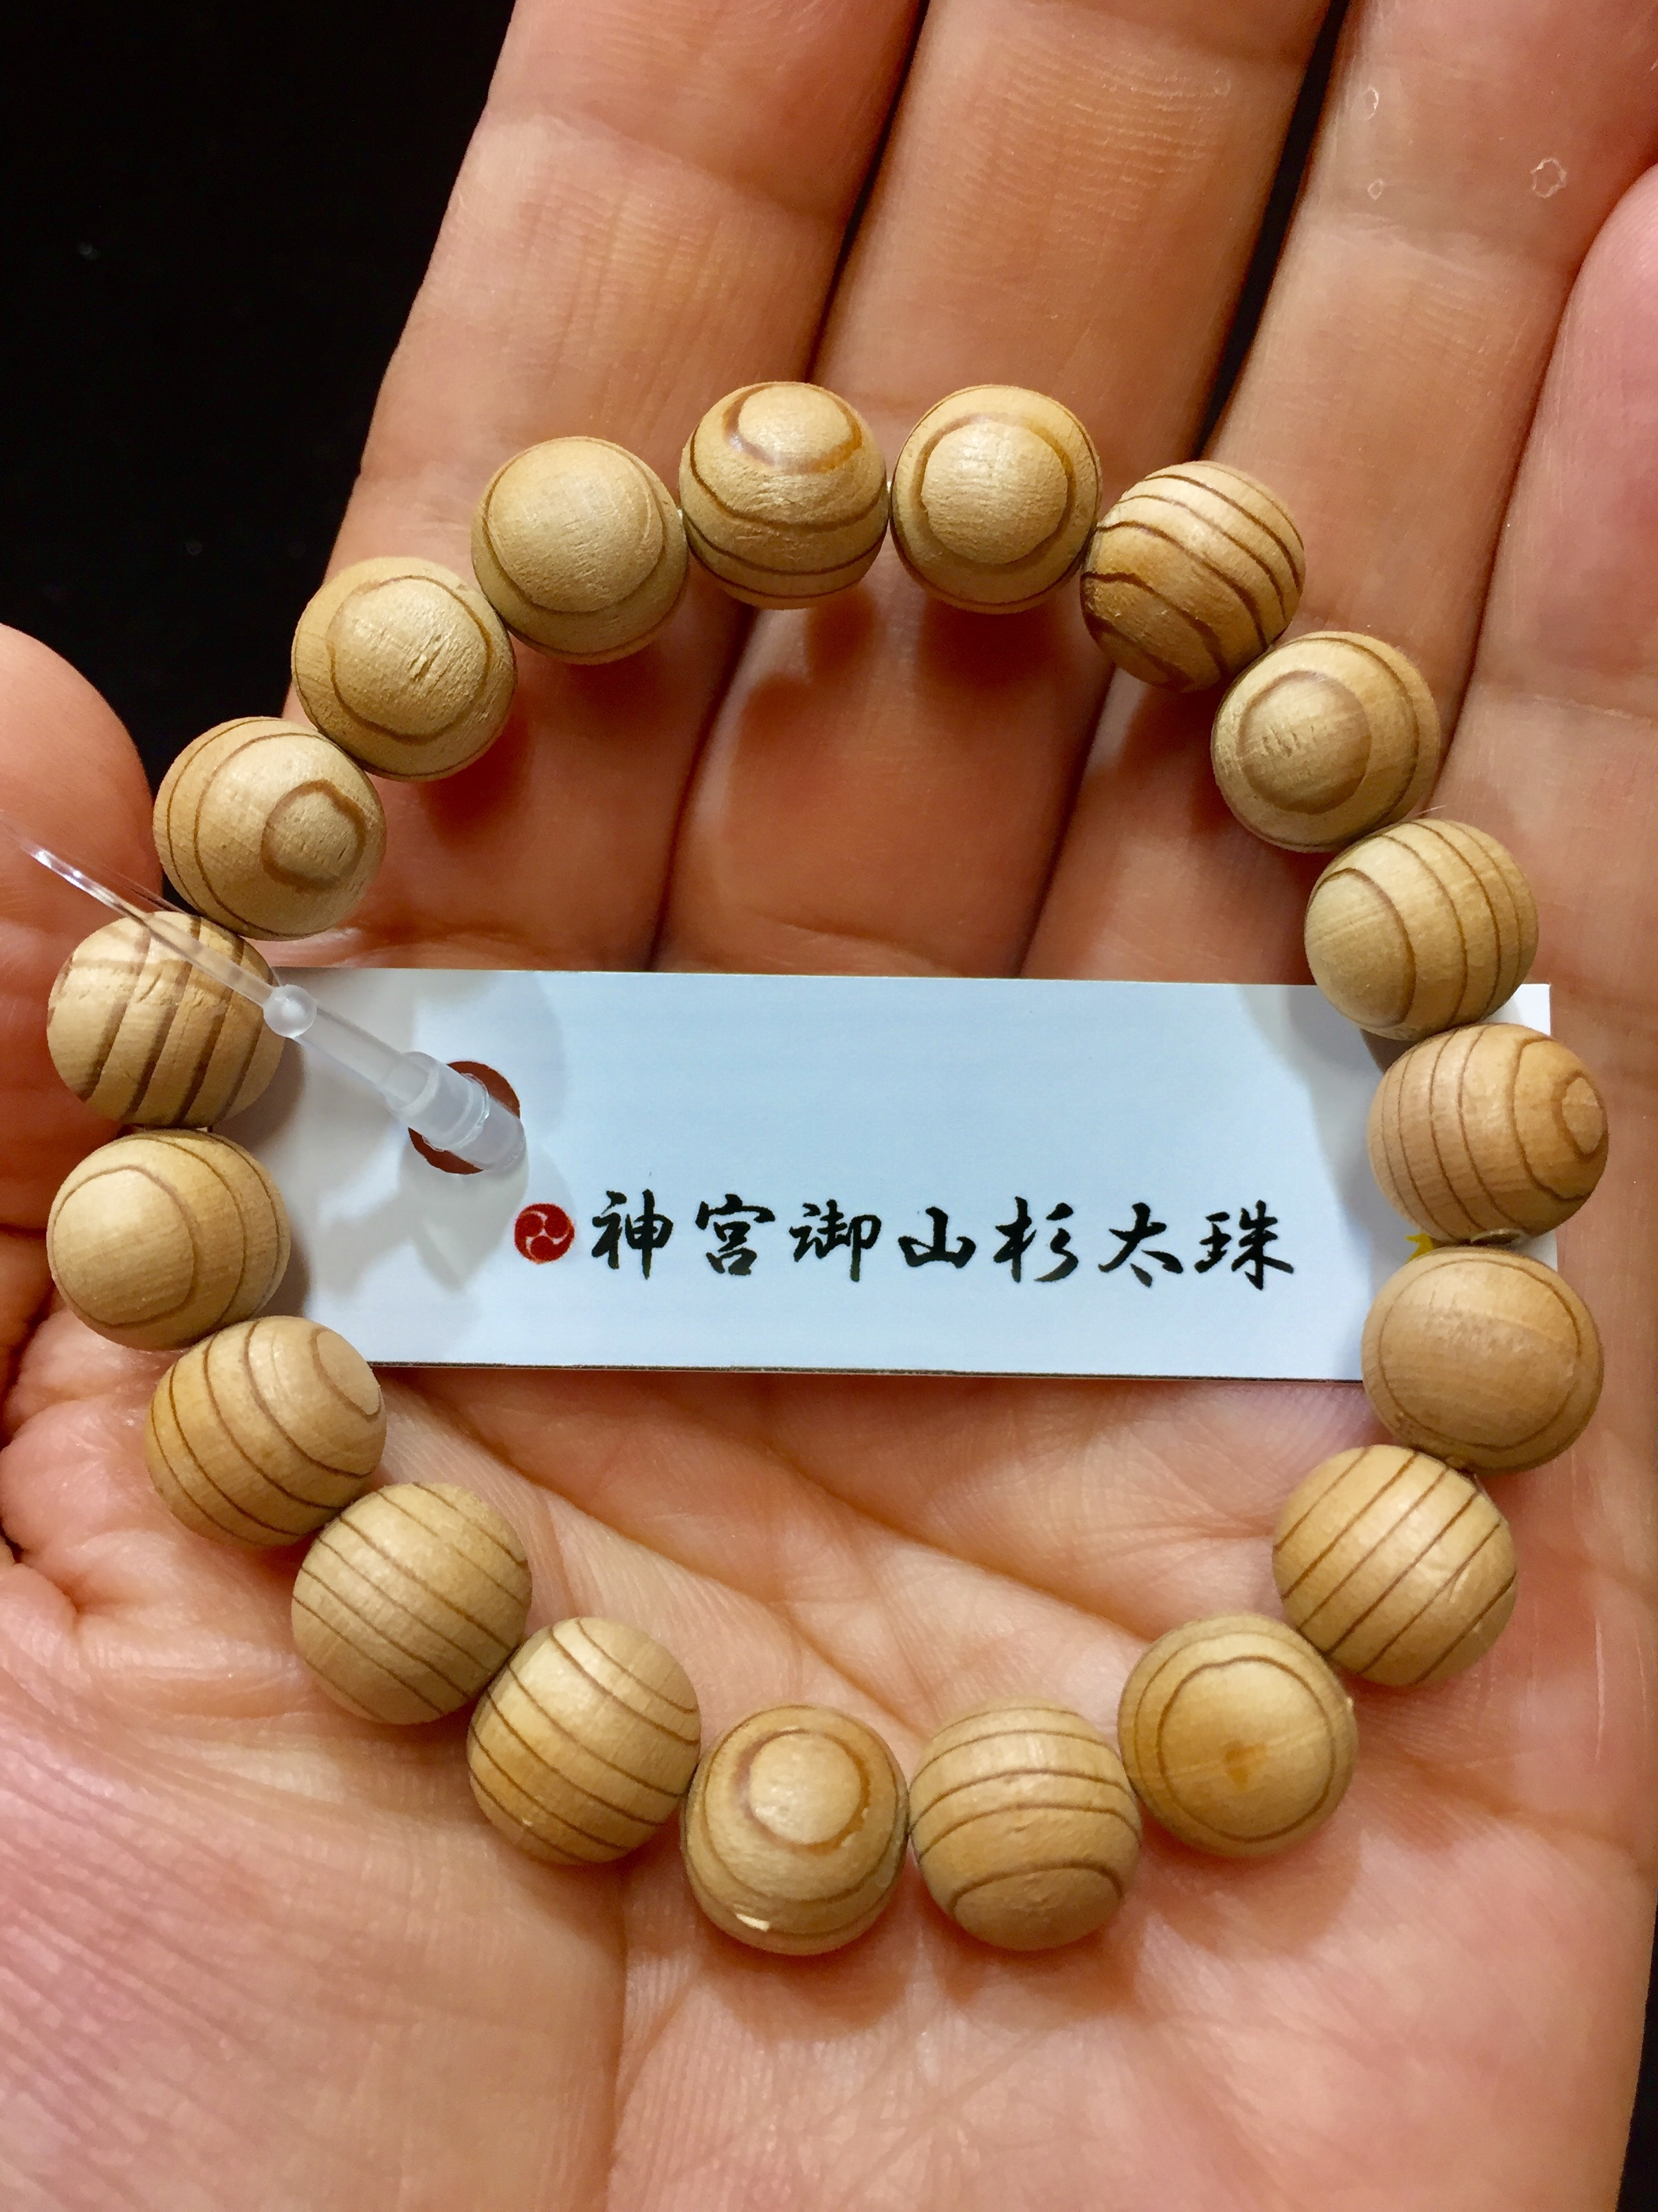 4) 伊勢神宮「御神木」パワーブレスレット